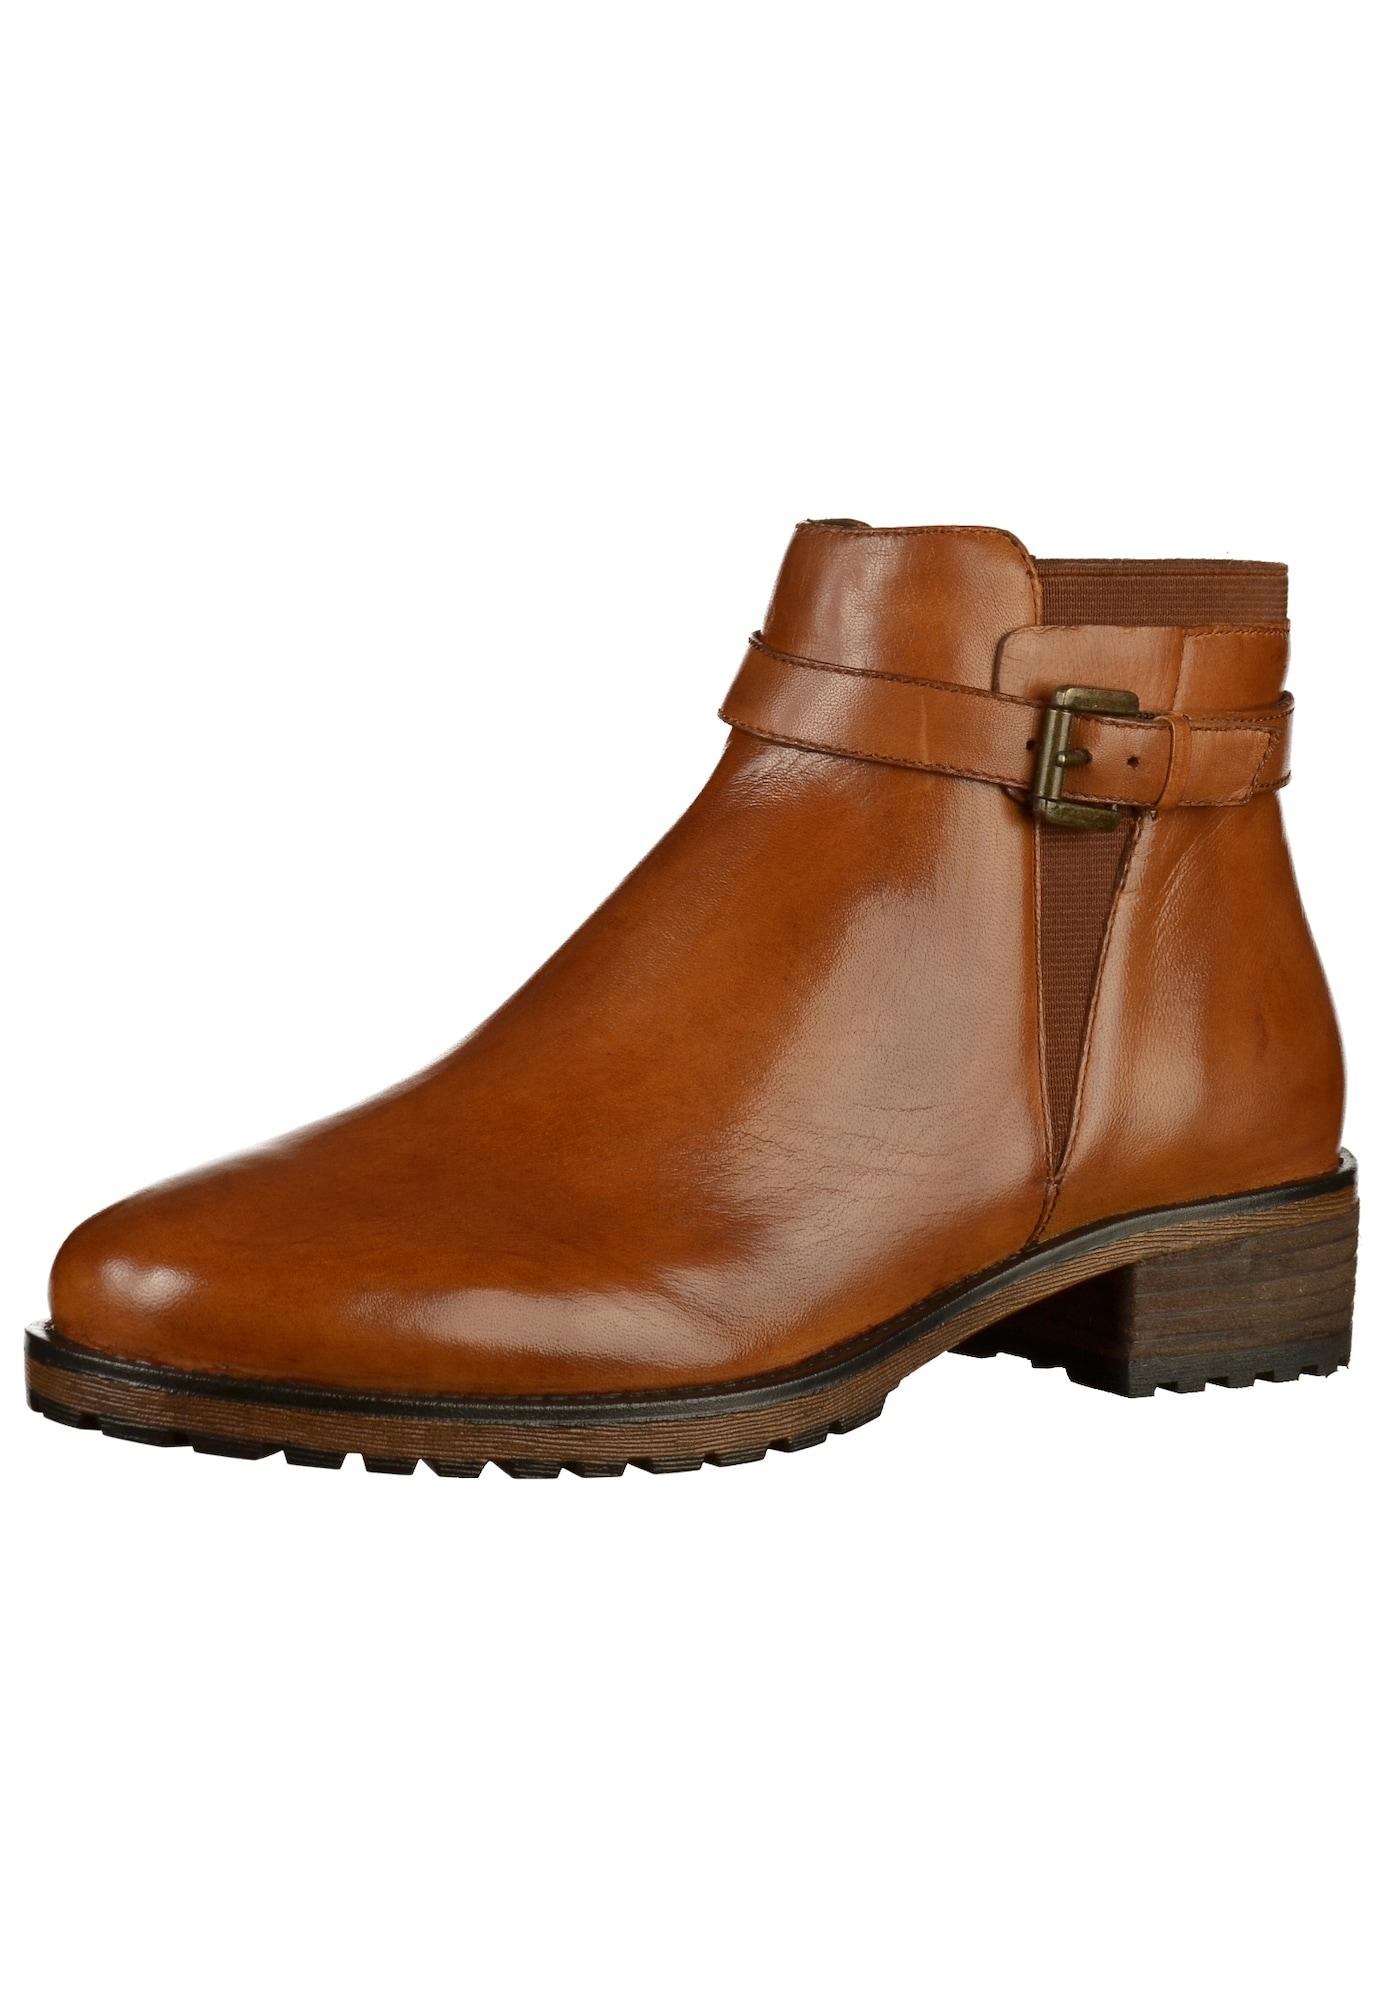 Kotníkové boty Ilastic koňaková SPM